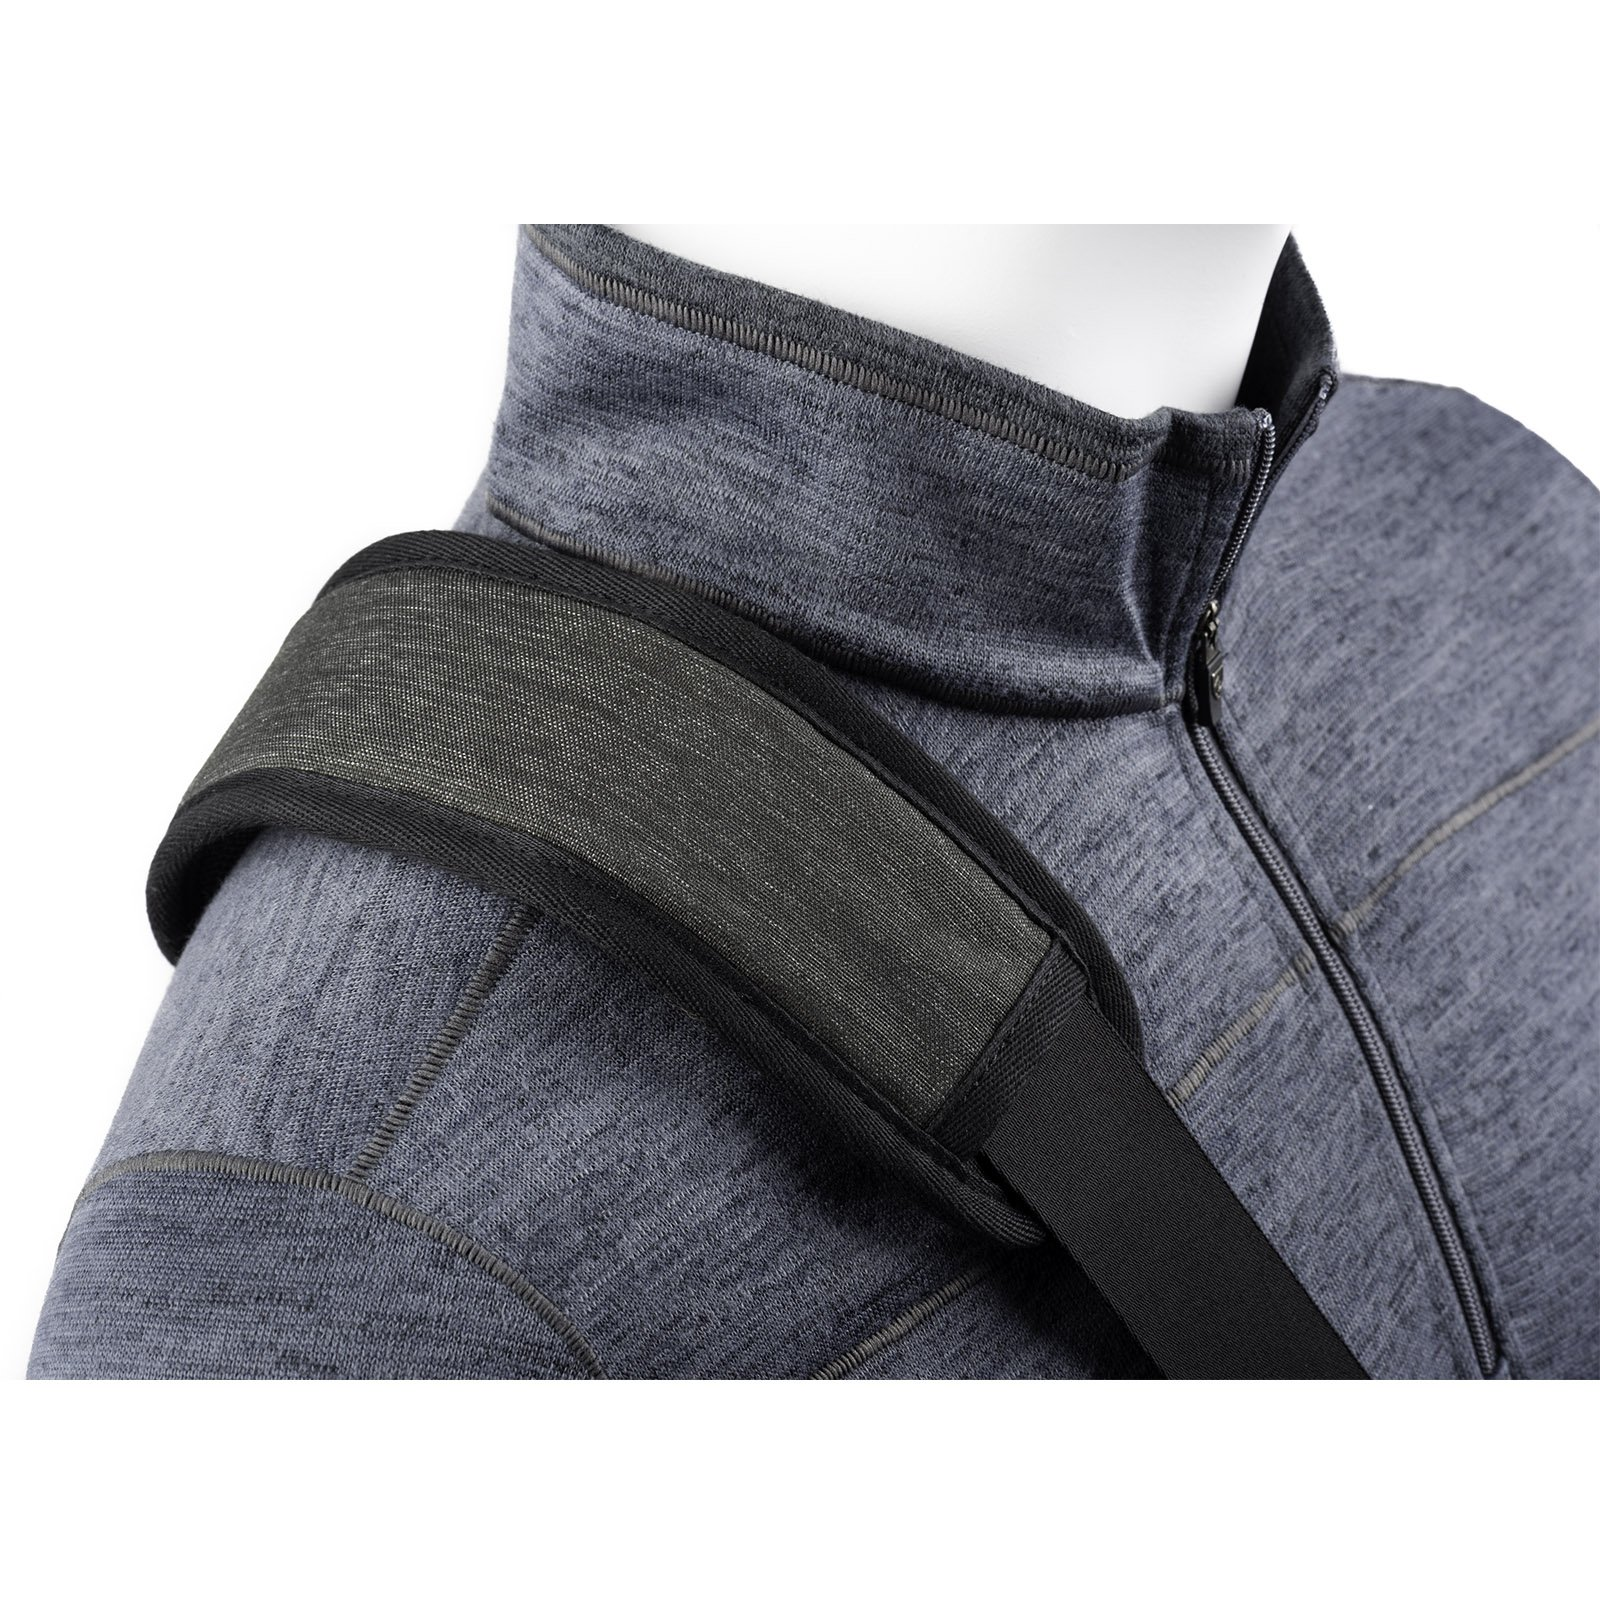 Túi đeo máy ảnh Think Tank Vision 15 - Hàng chính hãng